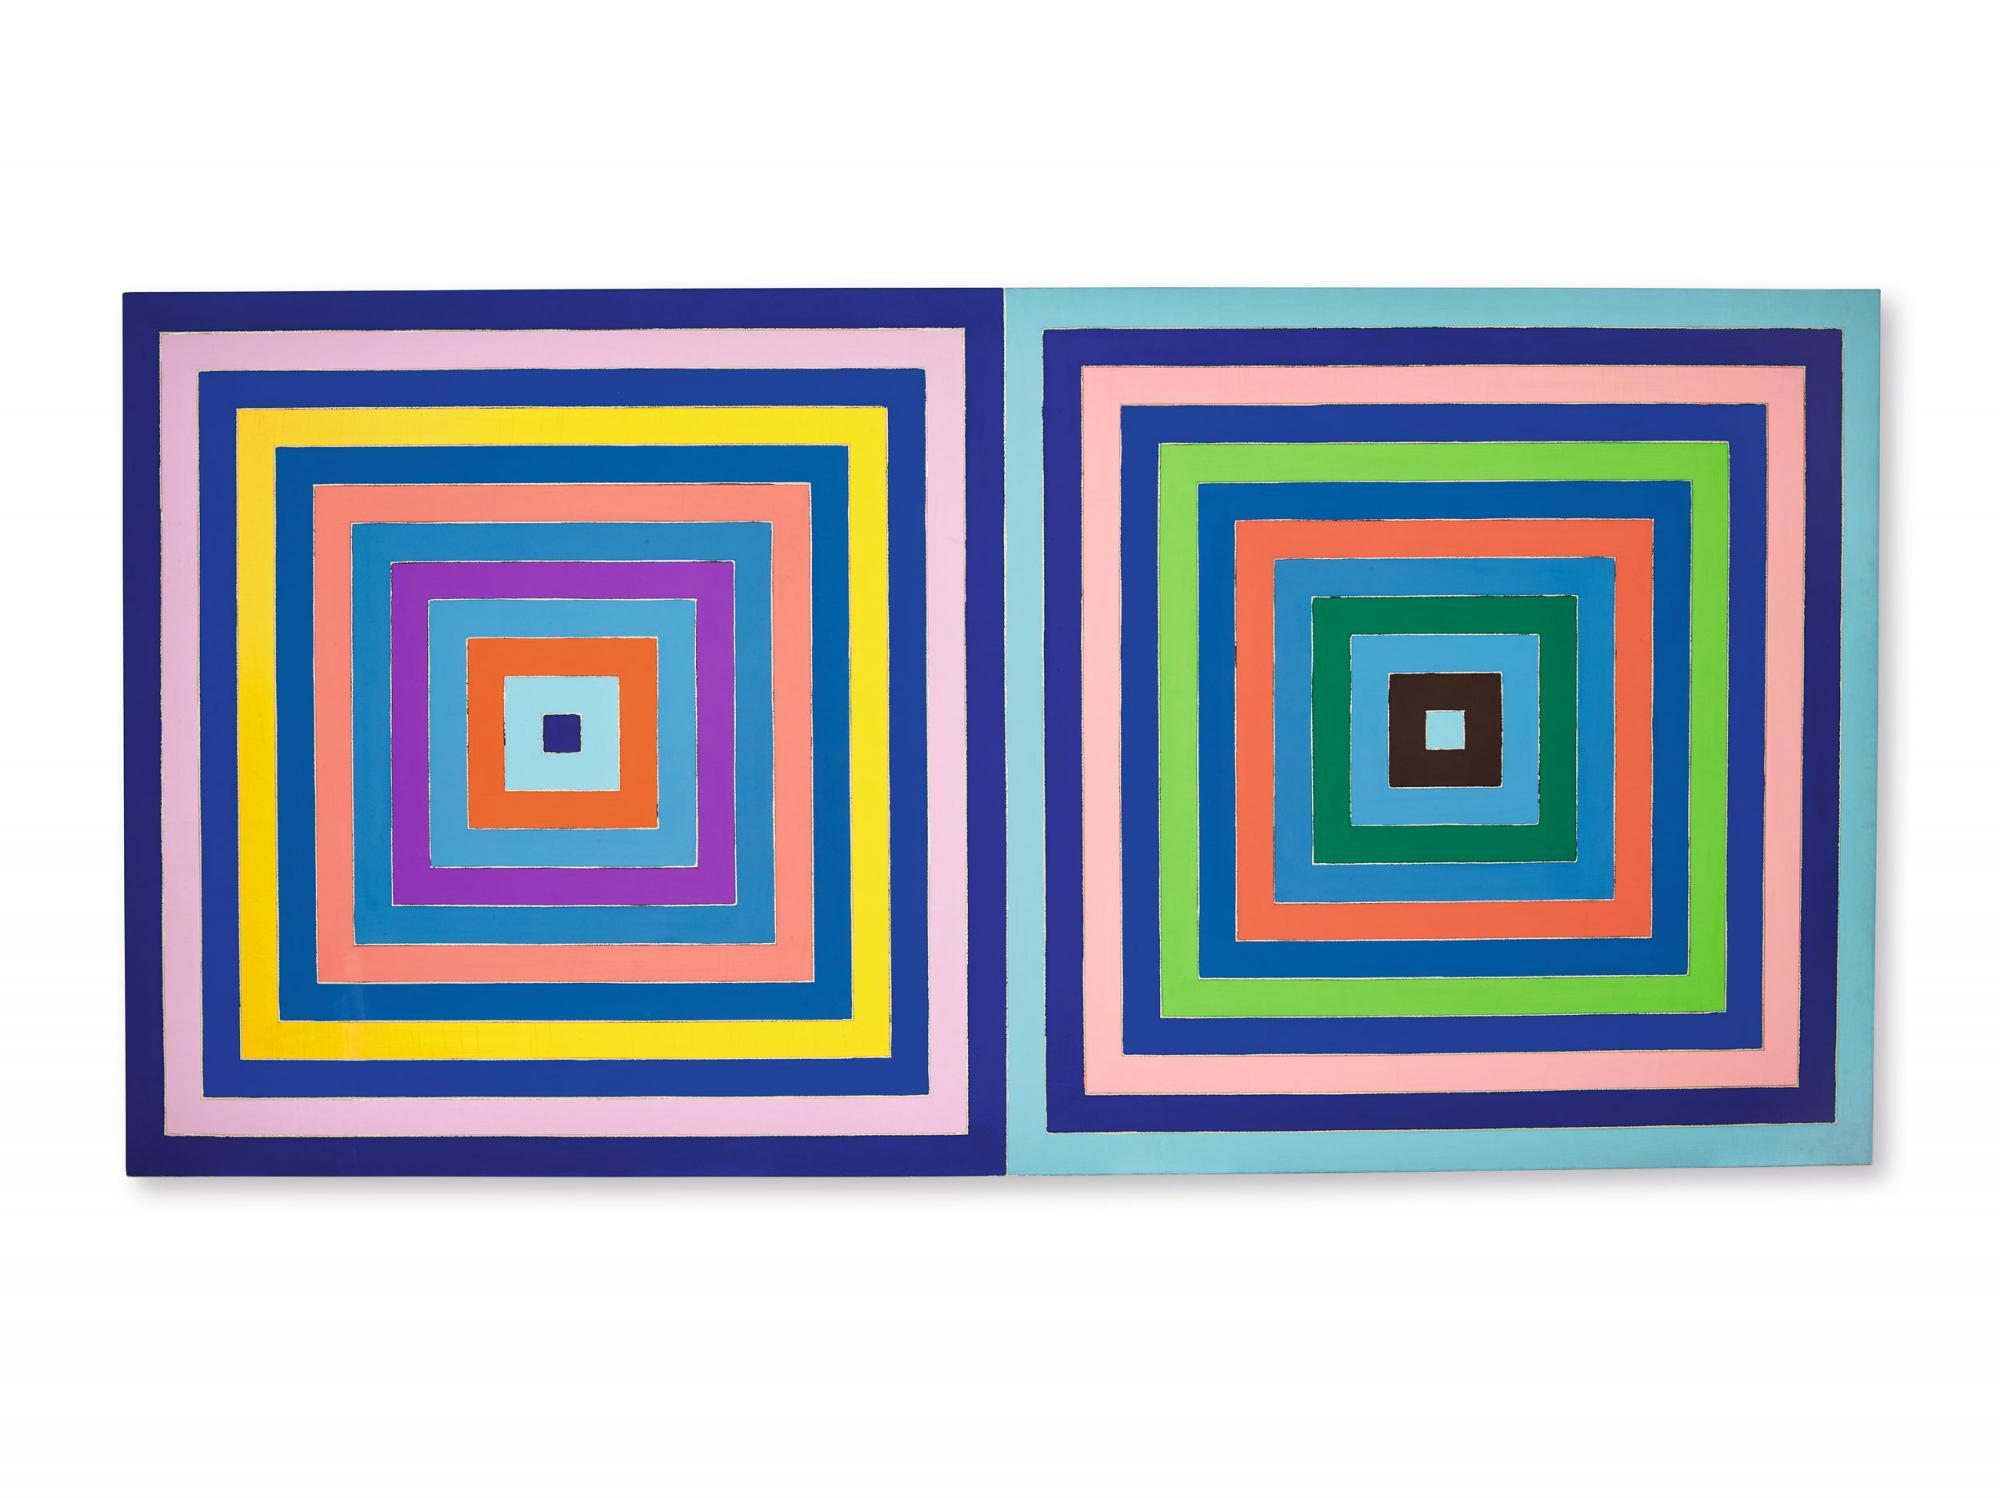 弗蘭克 ∙ 斯特拉(Frank Stella) 《無題(雙同心正方形)》 1978年作,壓克力畫布,205.5 x 408.5公分 估價:32,000,000 - 48,000,000港元